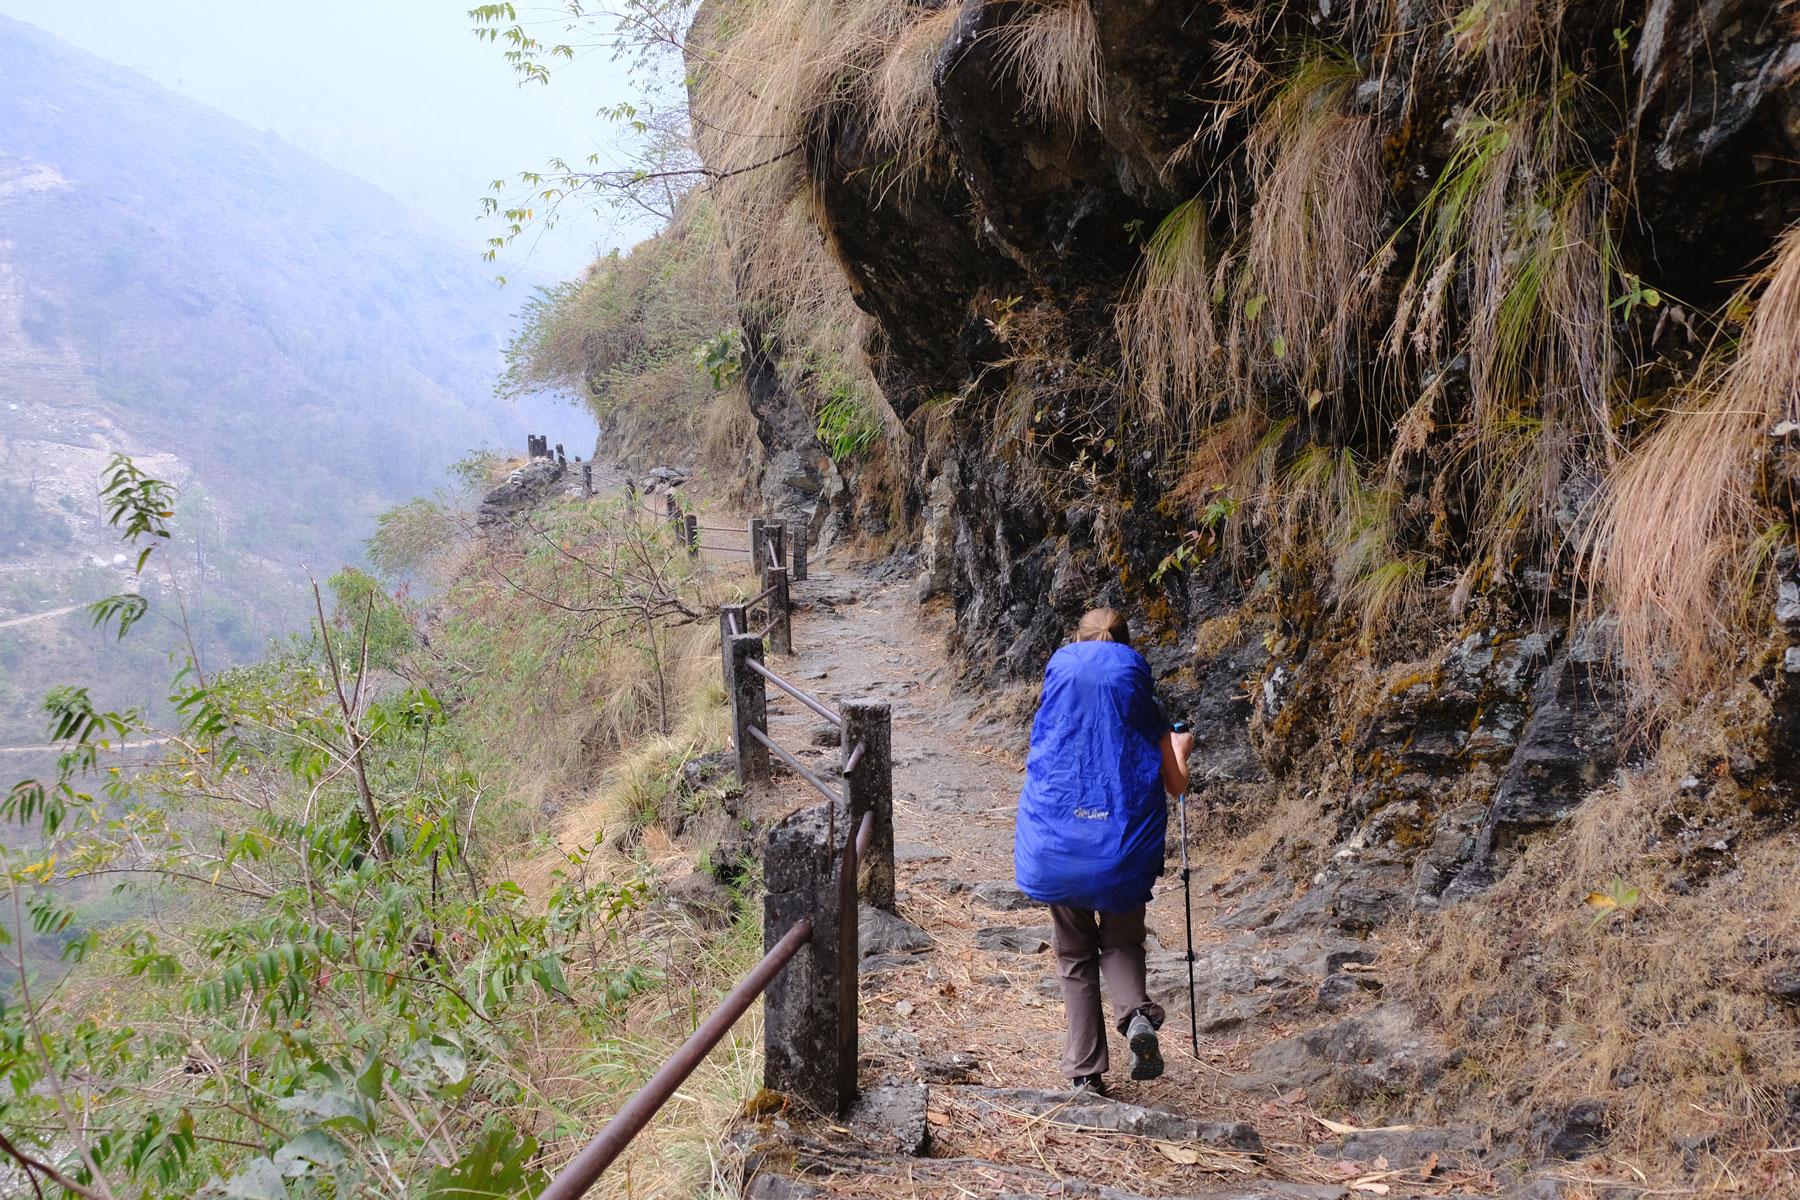 Leo wandert mit Rucksack und Regenschutz auf einem Wanderweg.